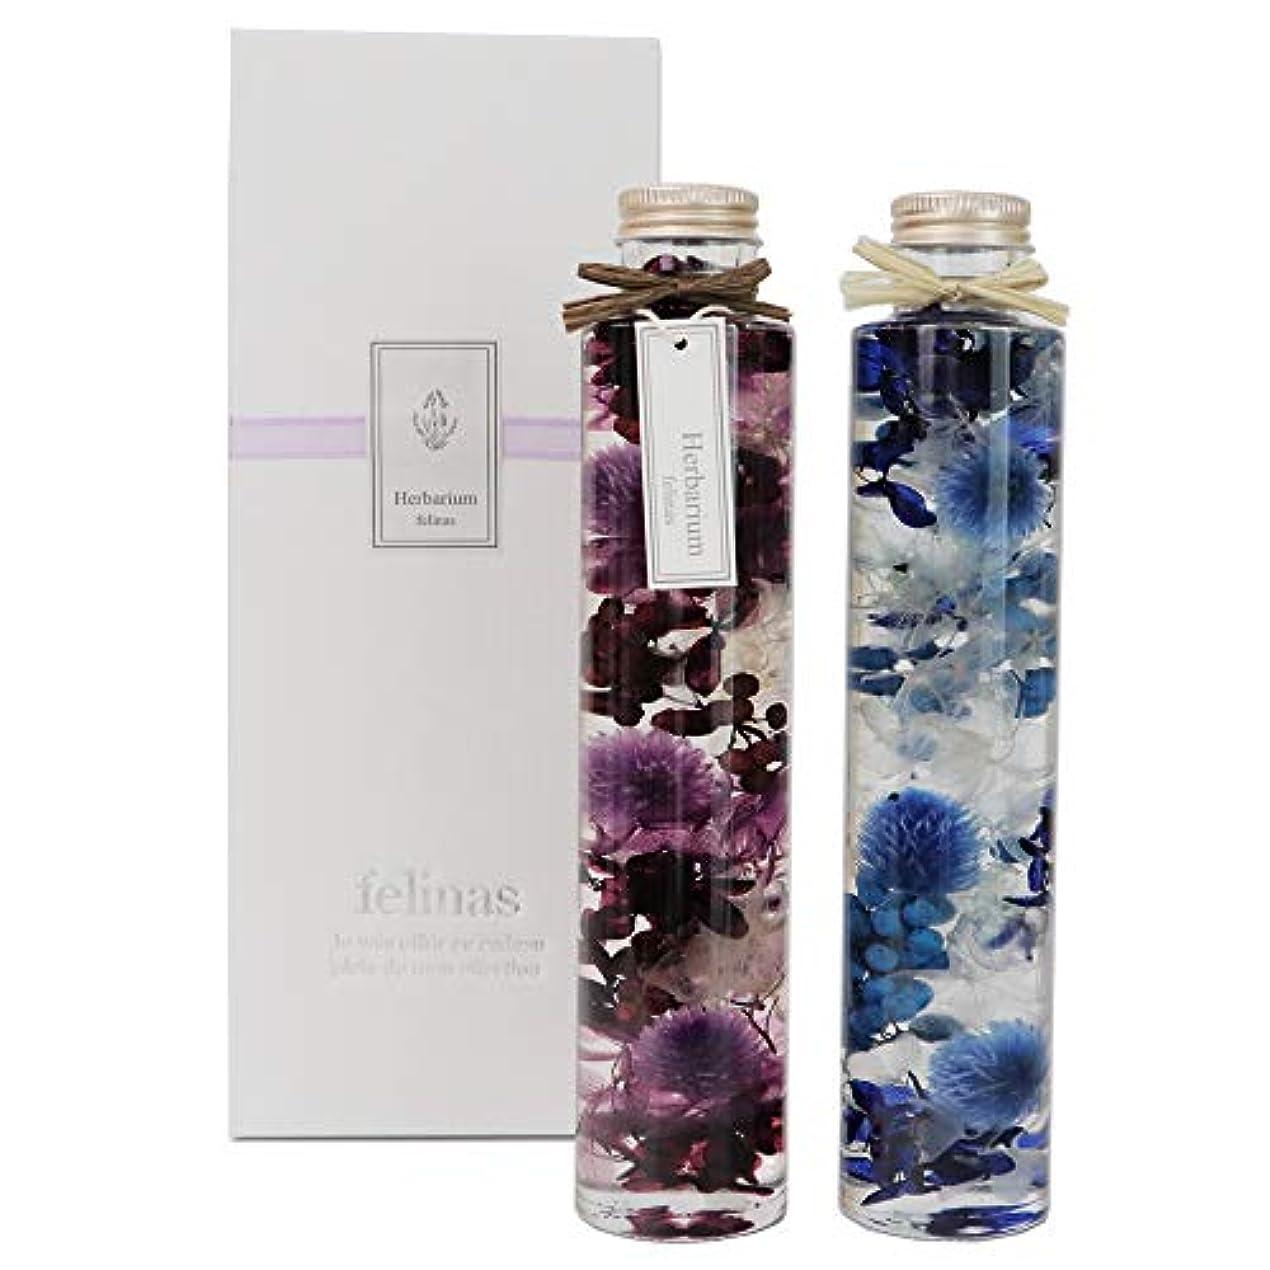 グリル広い腐食する[フェリナス] ハーバリウム 丸瓶(2本セット) パープル(紫)&ブルー(青) 父母 ギフト 贈り物 誕生日 記念日 maru-purple&blue